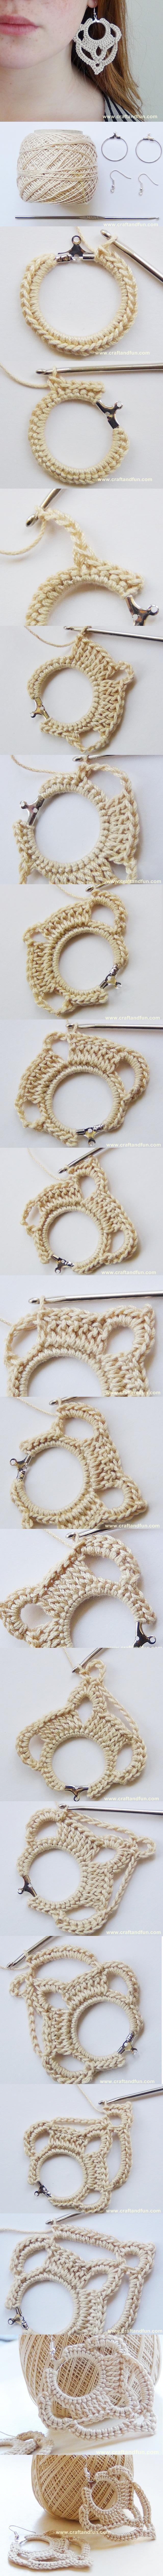 Boucles d'oreilles crochet